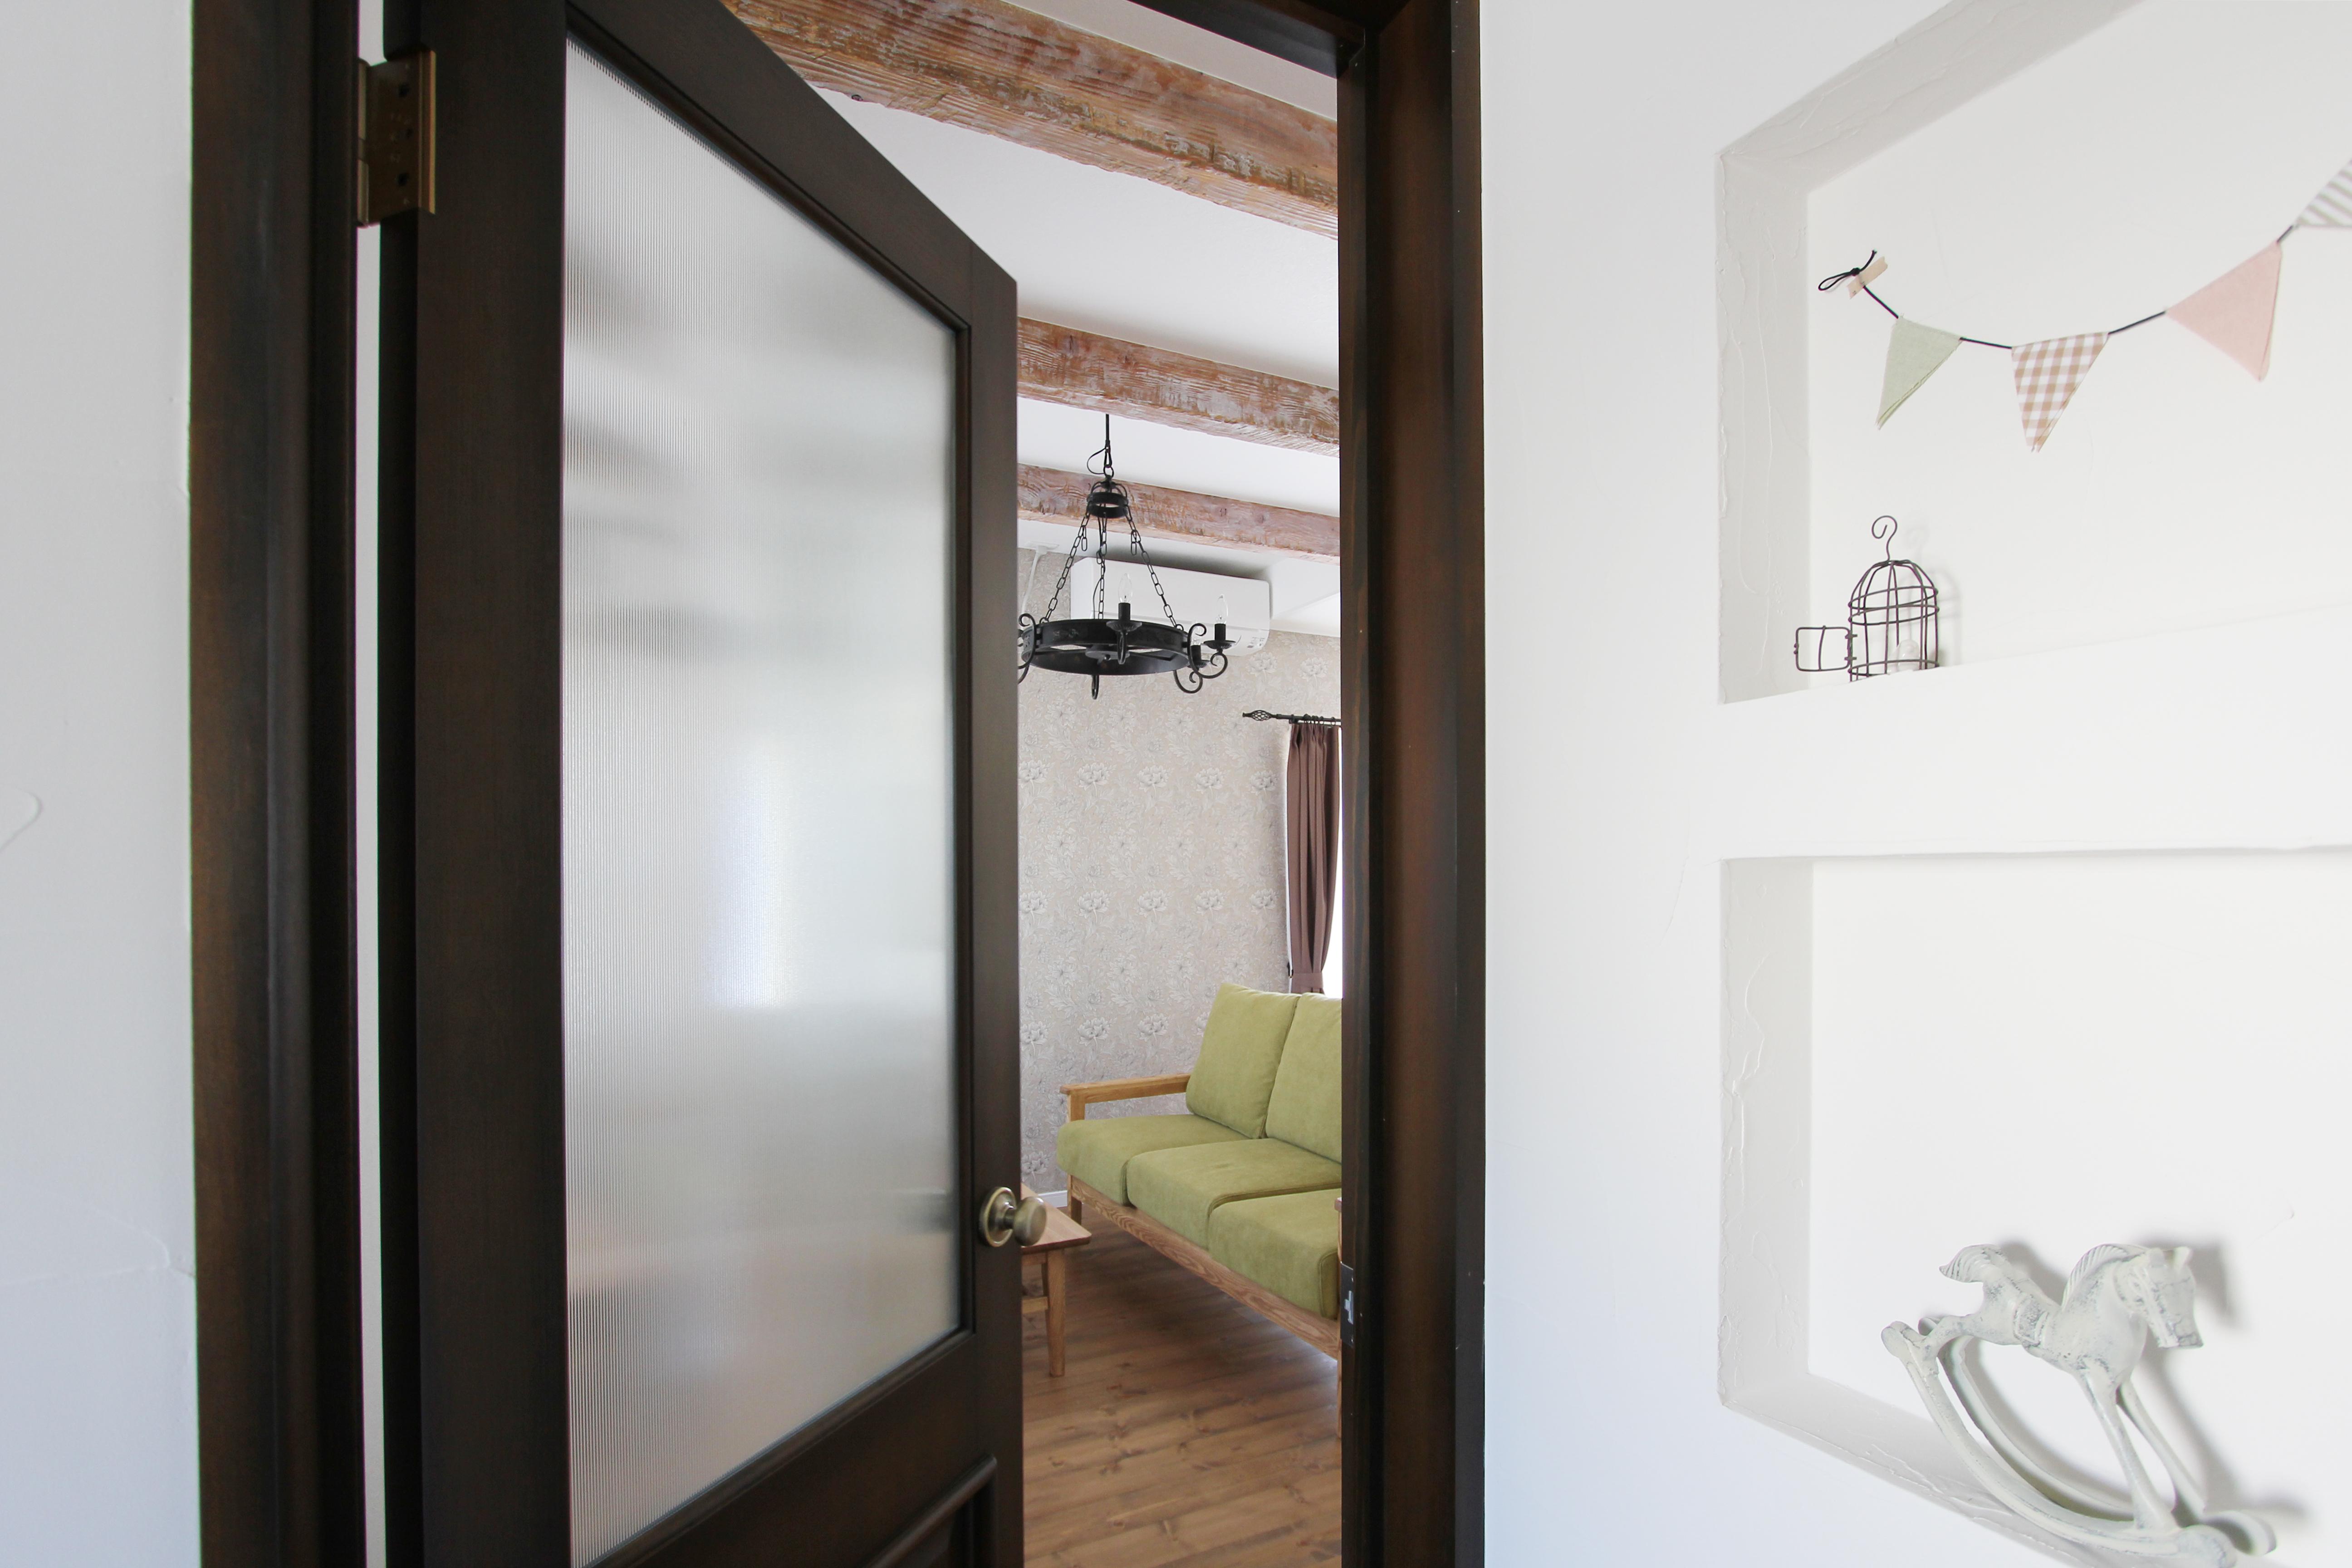 ウィリアム・モリスの壁紙と相性も良いヴィンテージ風のカムホーム ドア